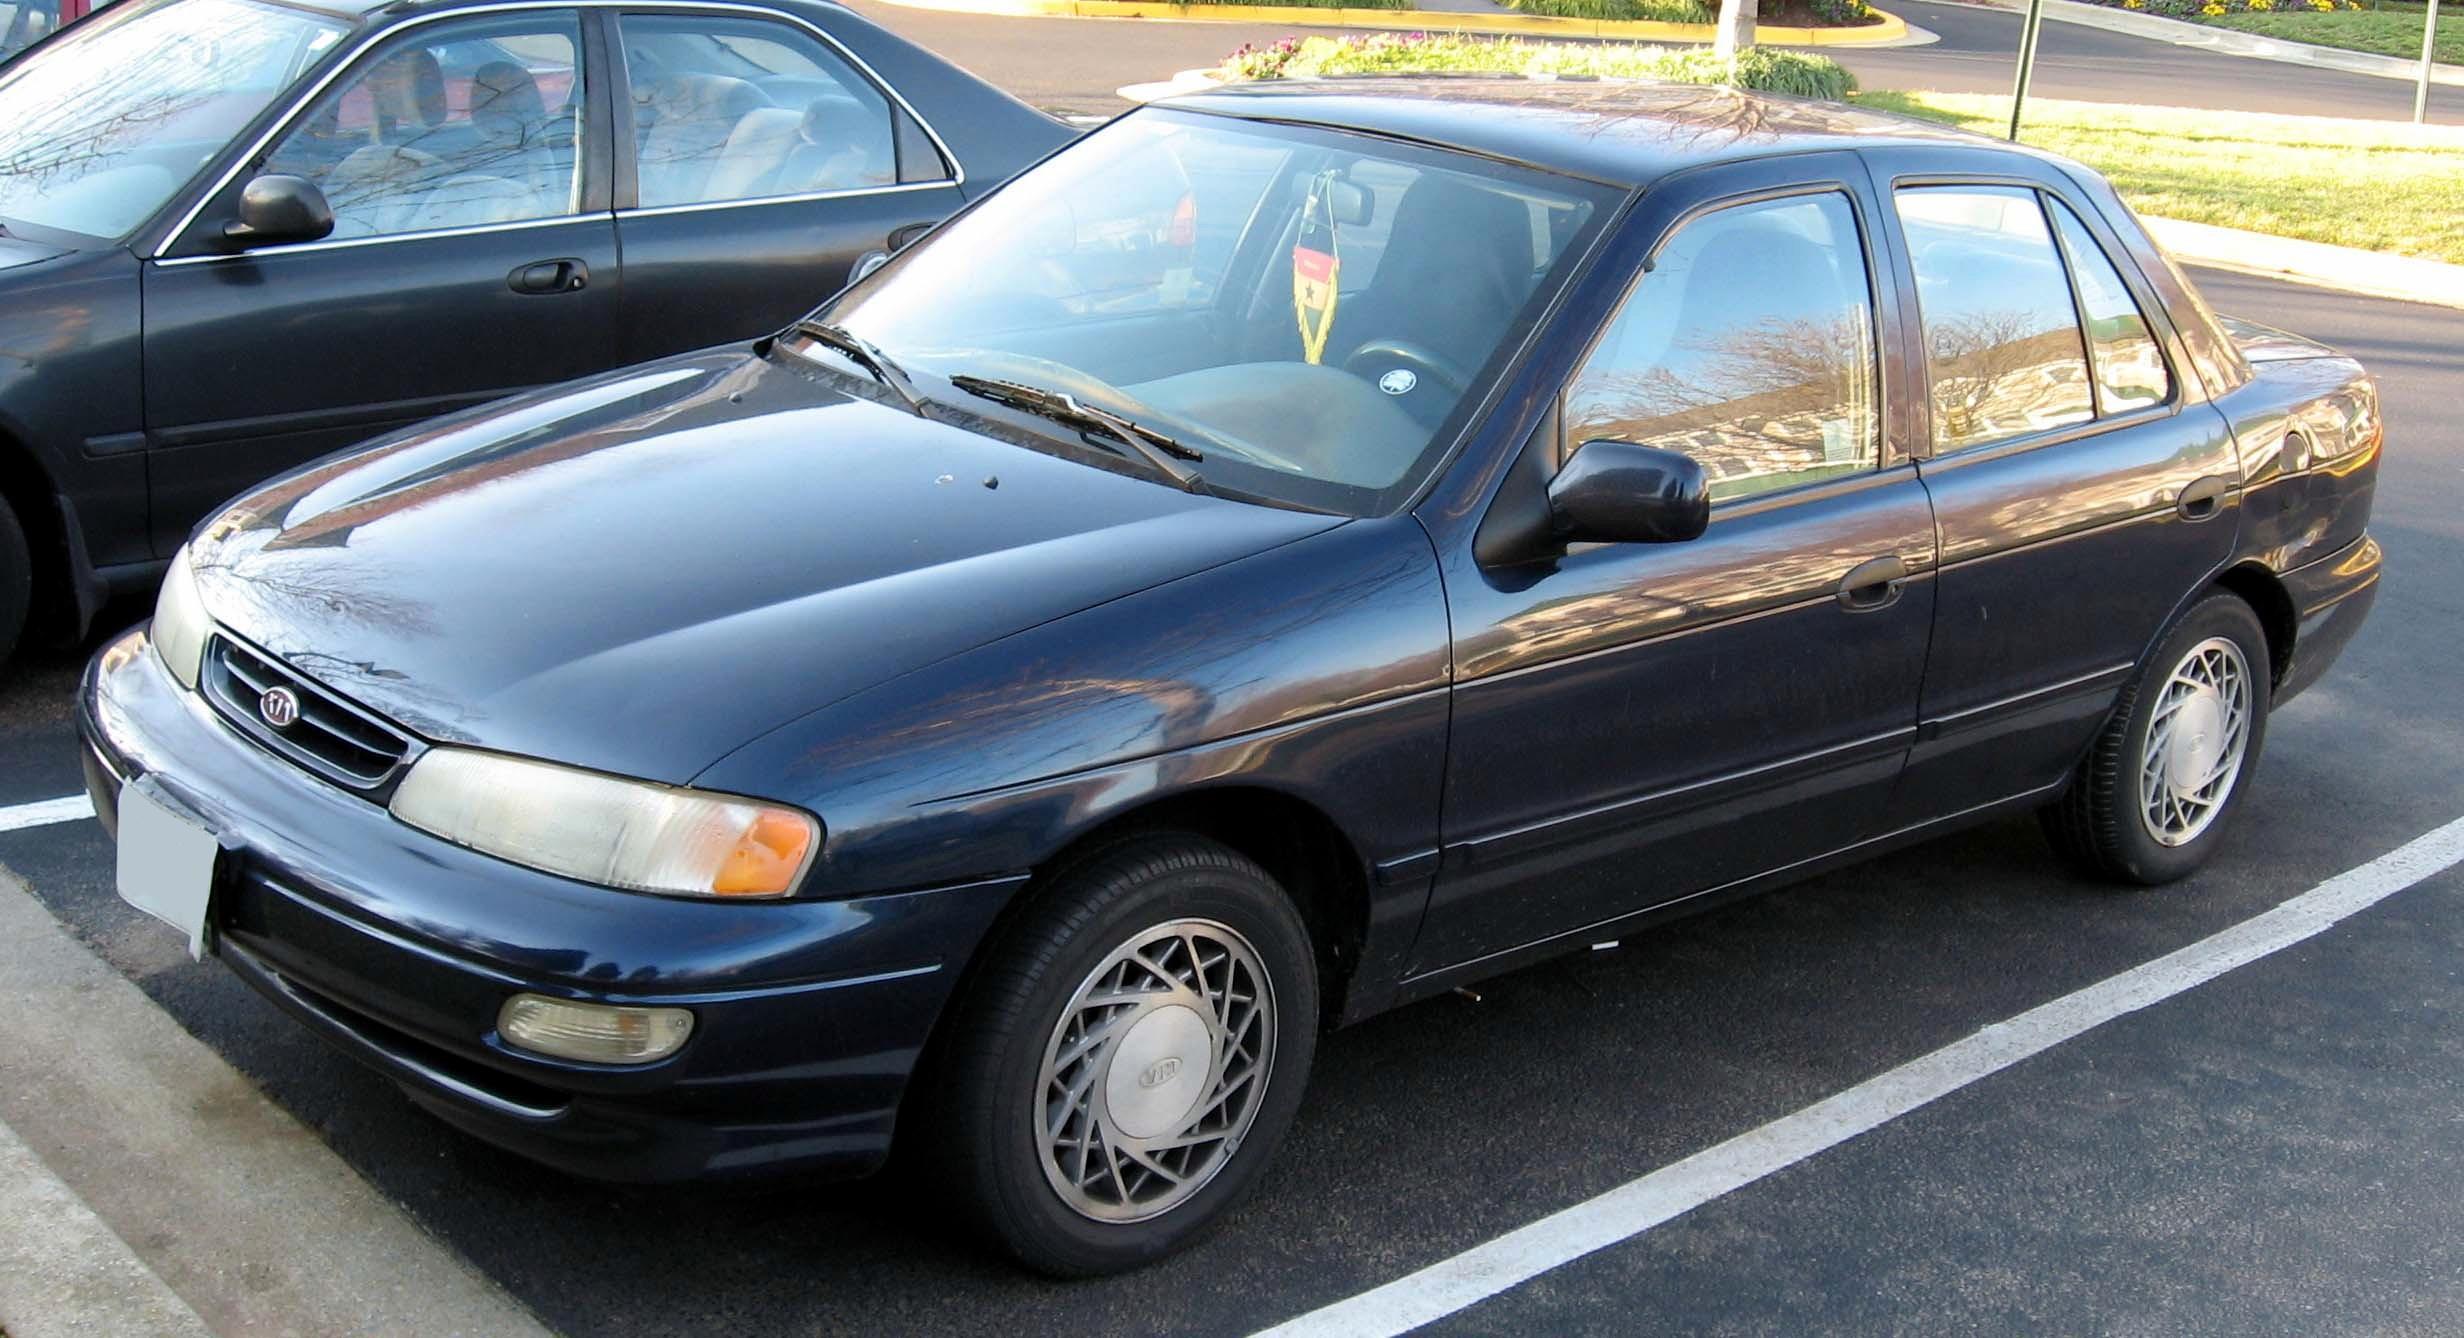 Kia Sephia I 1992 - 1994 Sedan #3